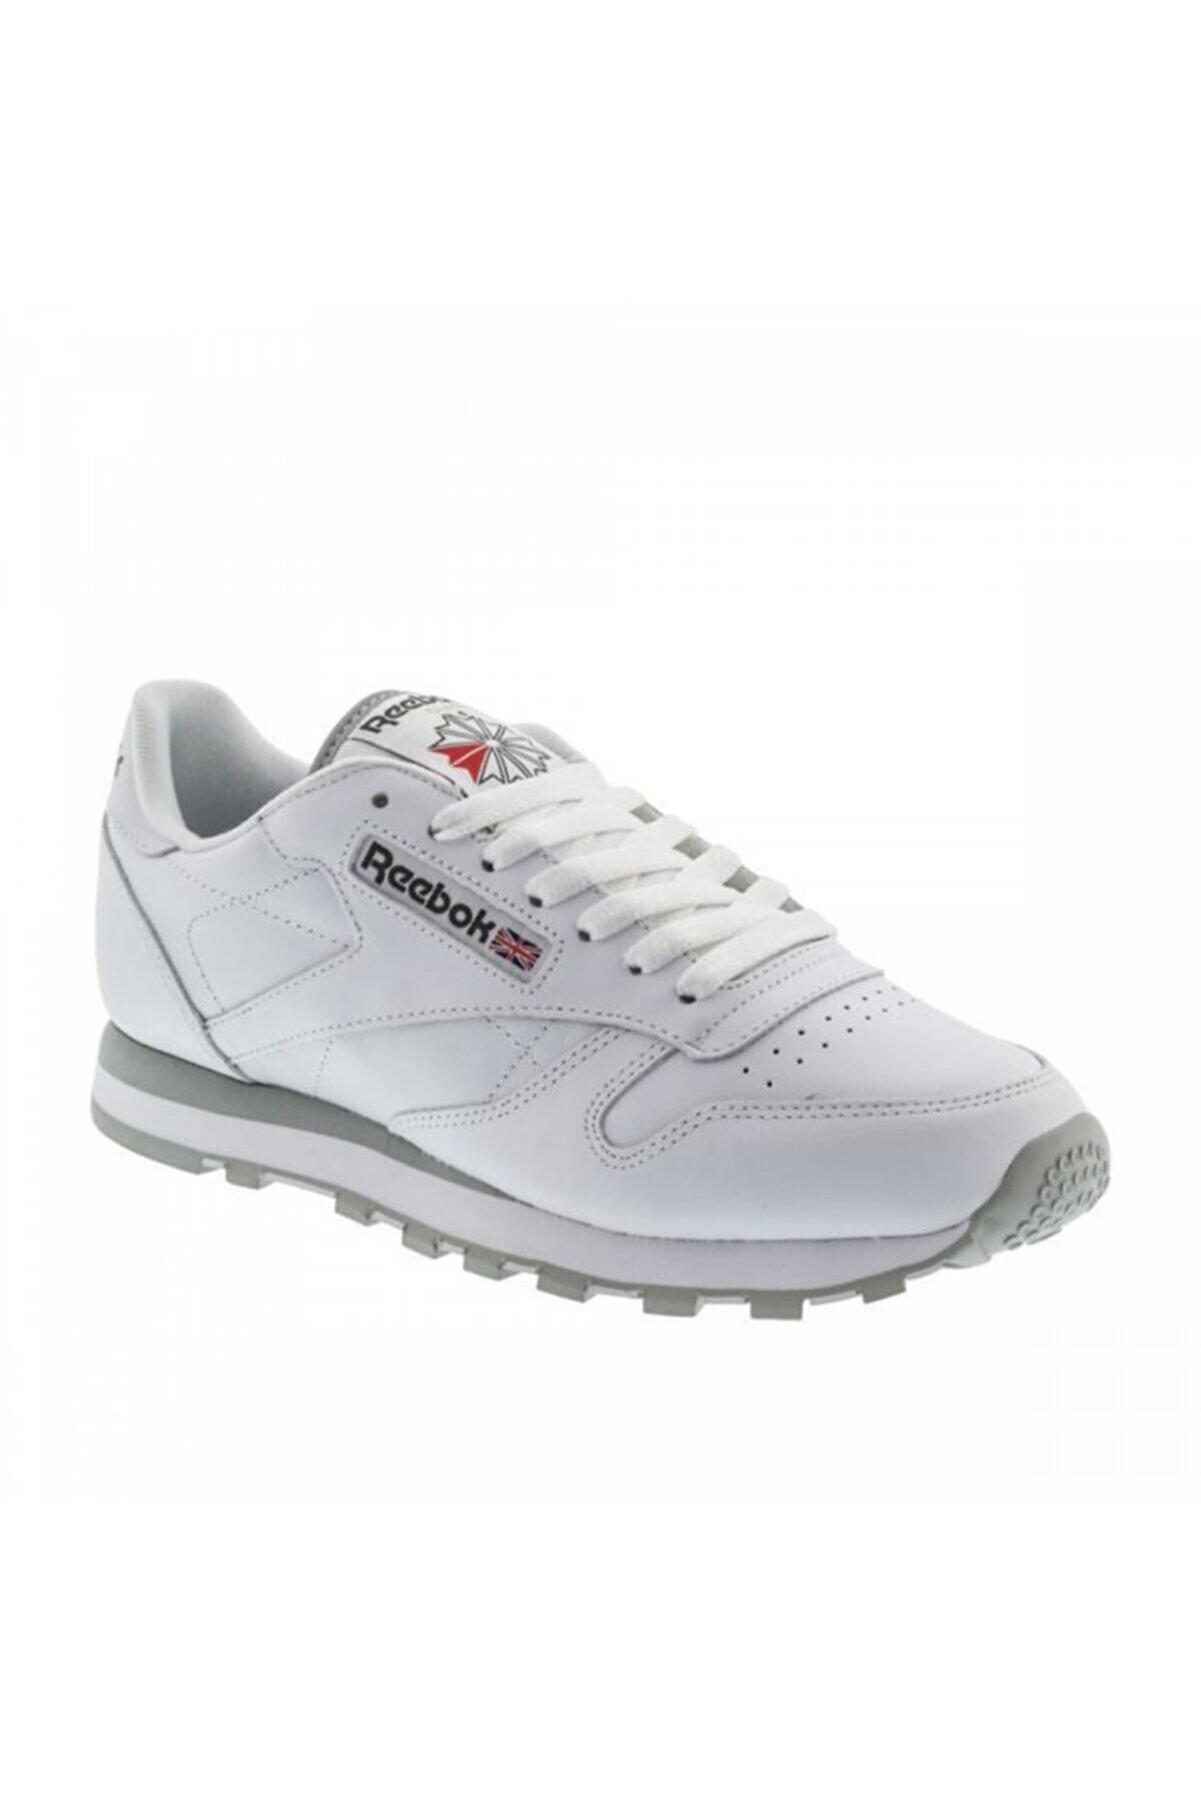 Reebok Cl Lthr Erkek Günlük Ayakkabı 2214 Reb002214e10g20